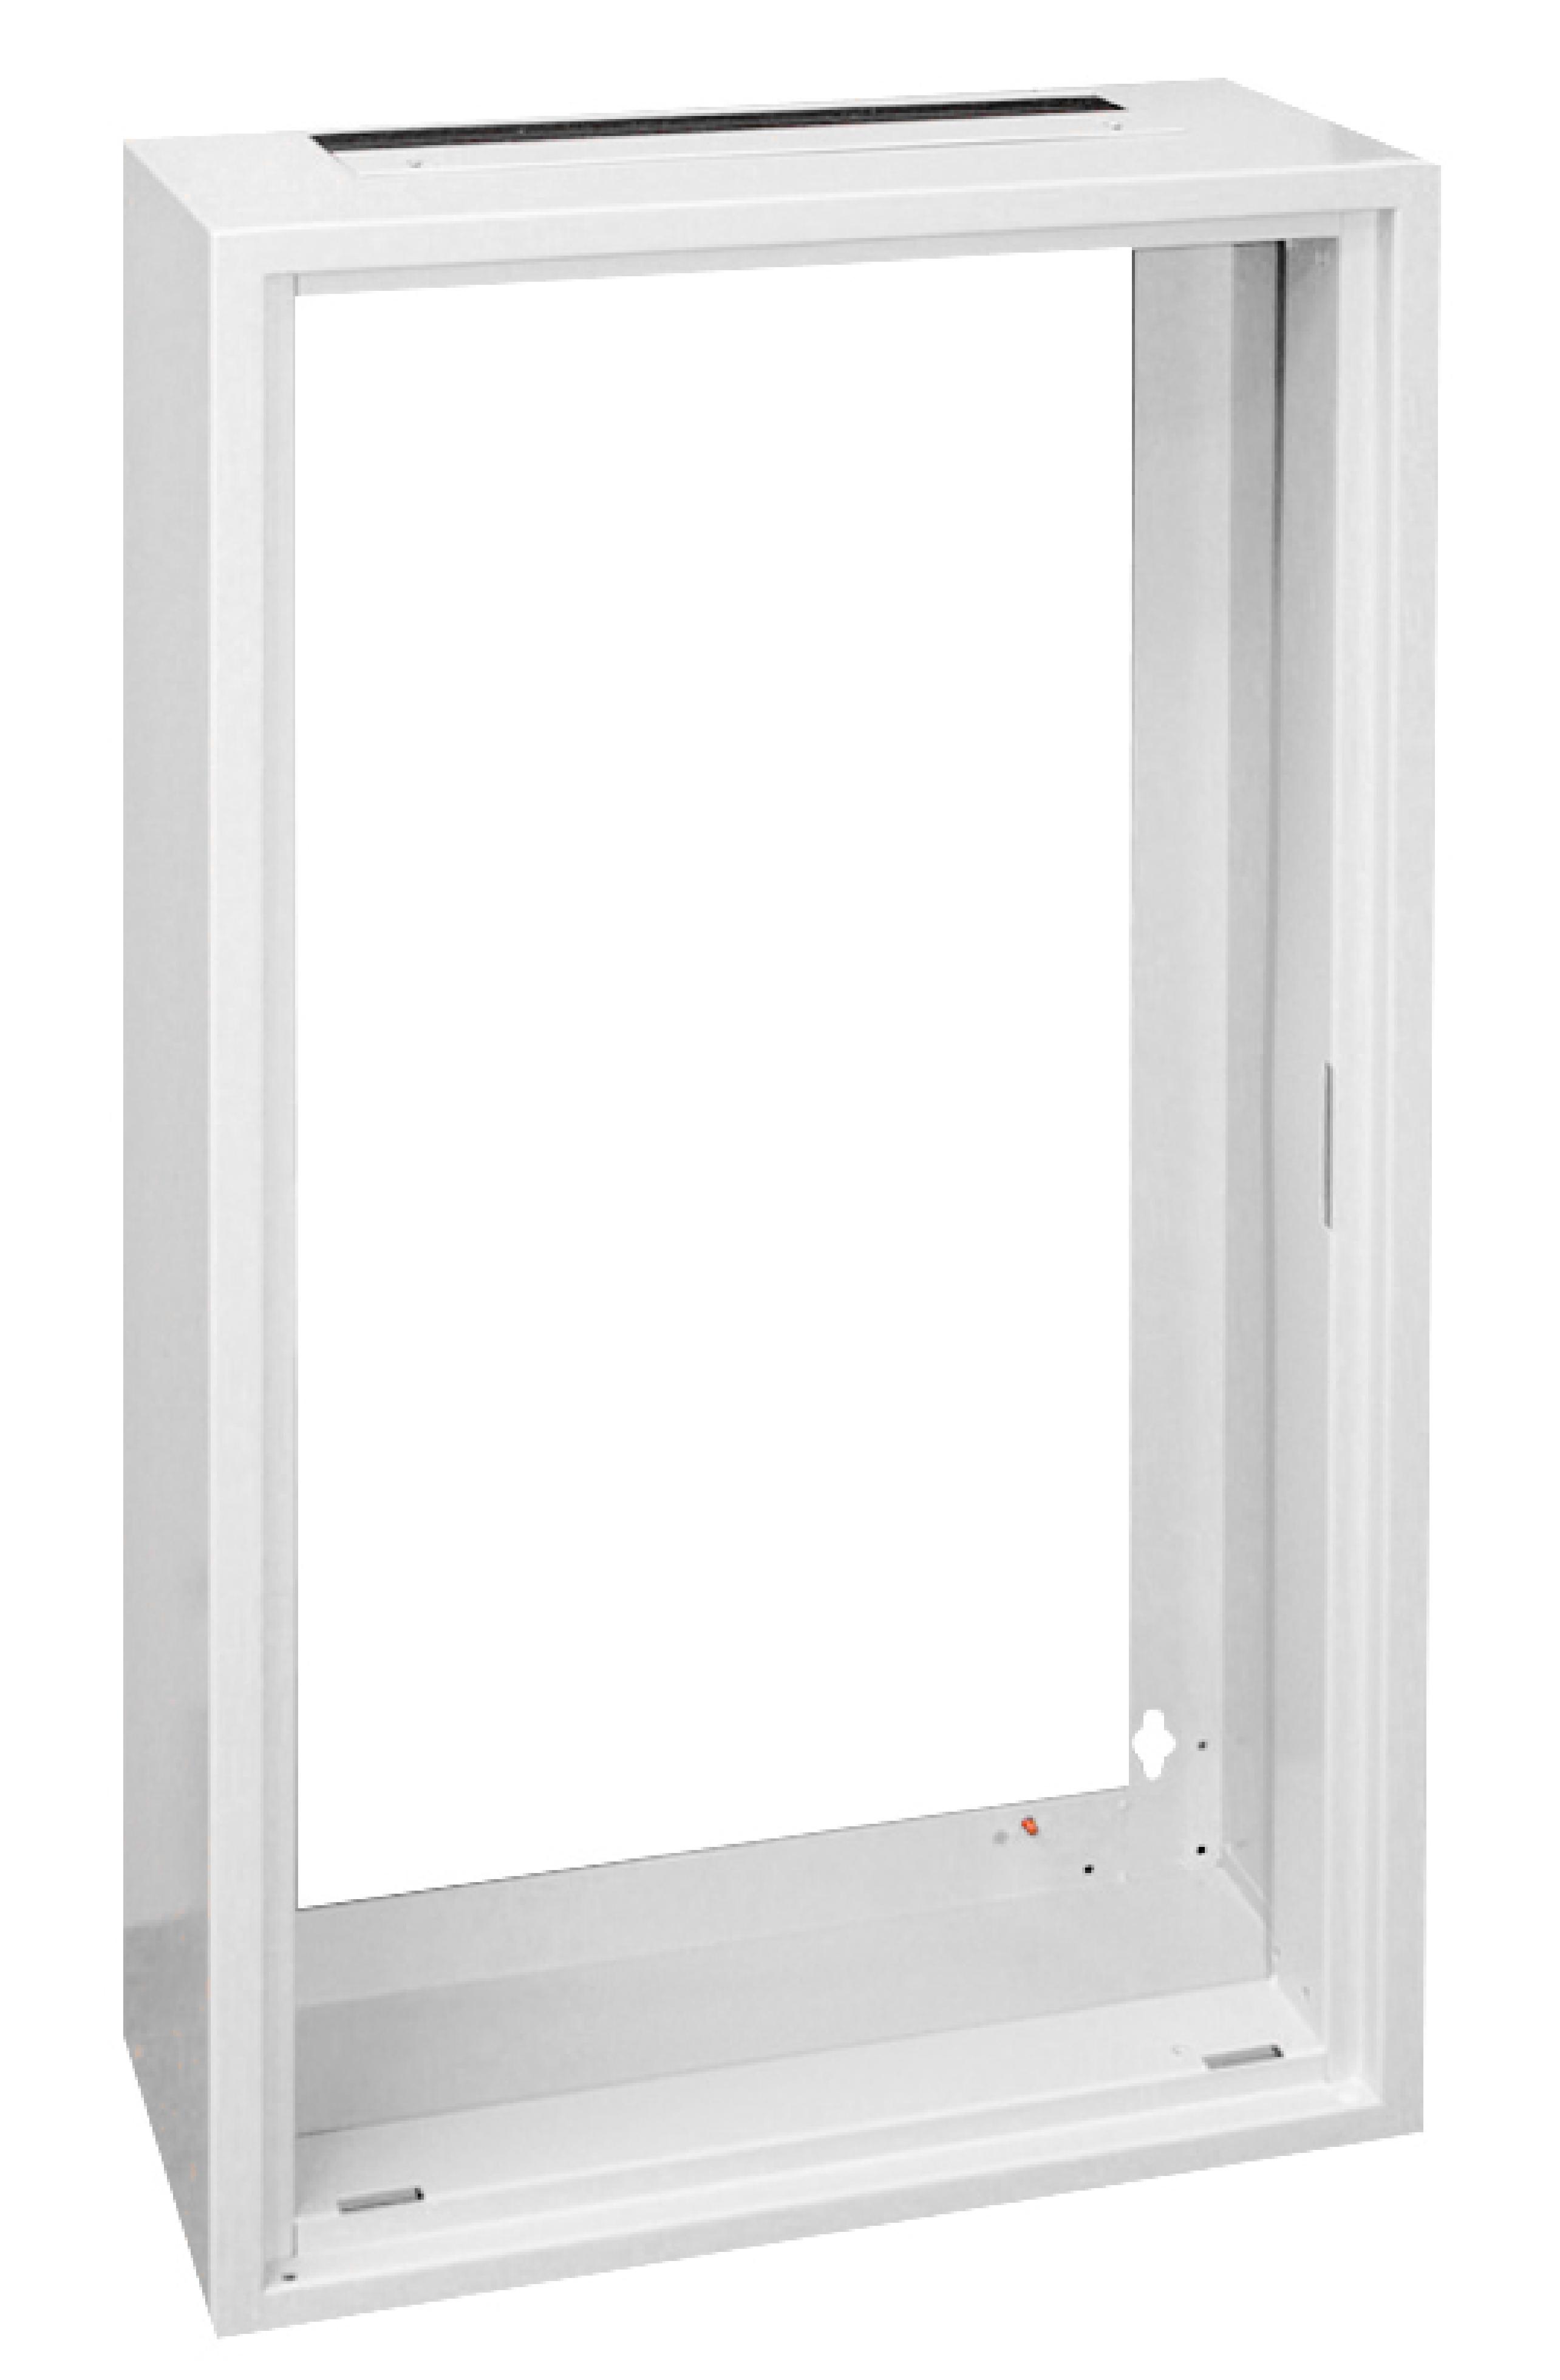 1 Stk AP-Rahmen ohne Türe und Rückwand 5A-33, H1605B1230T250mm IL001533-F